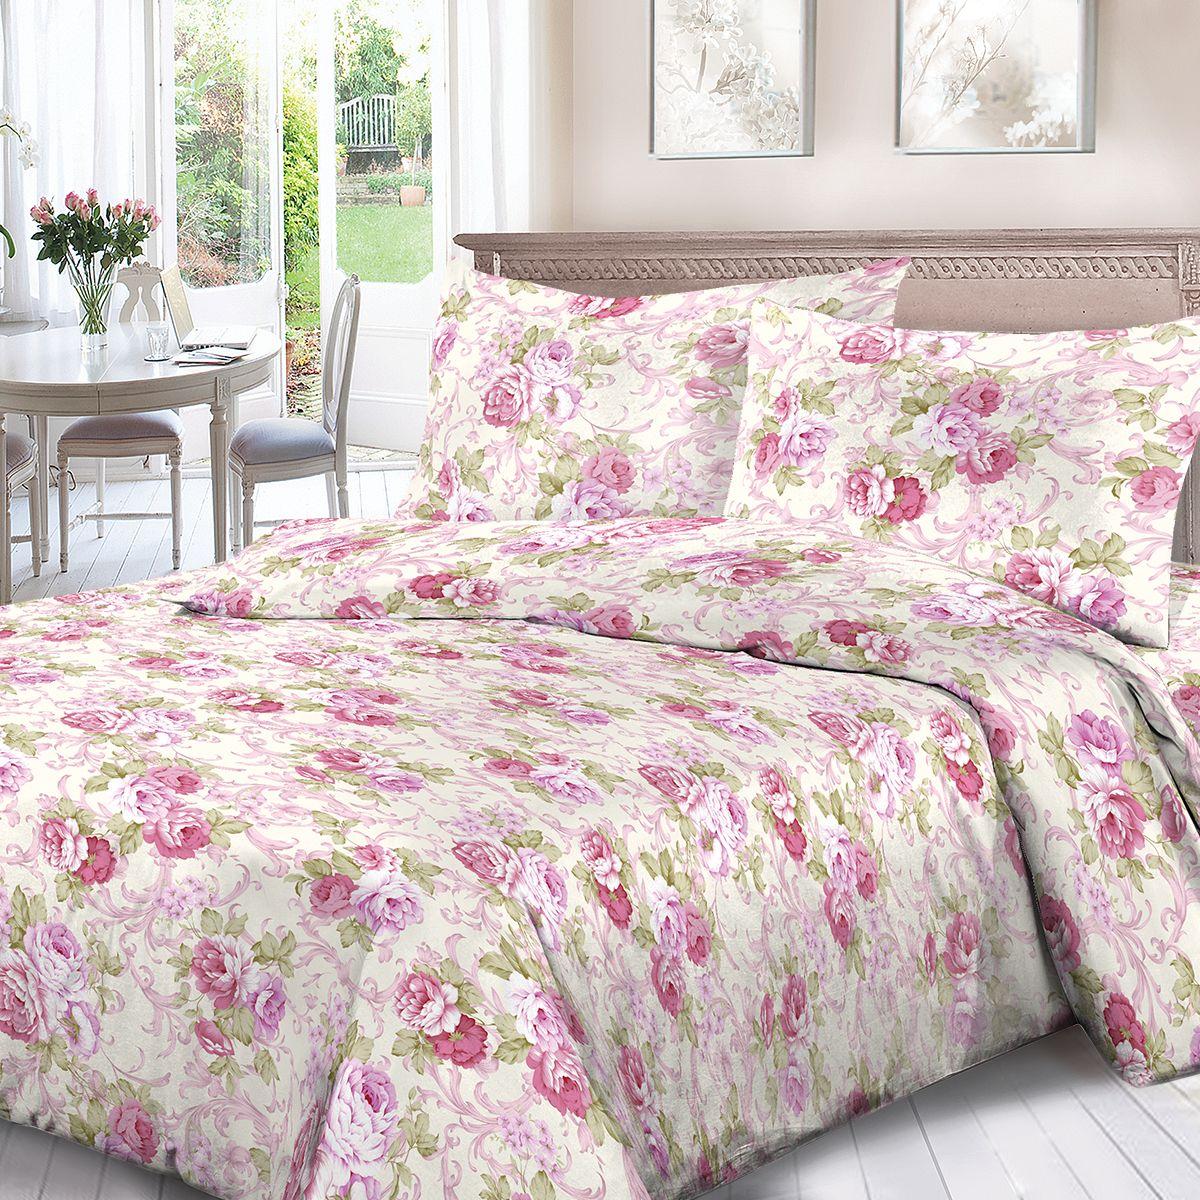 Комплект белья Для Снов Виктория, семейный, наволочки 70x70, цвет: розовый. 1950-183146